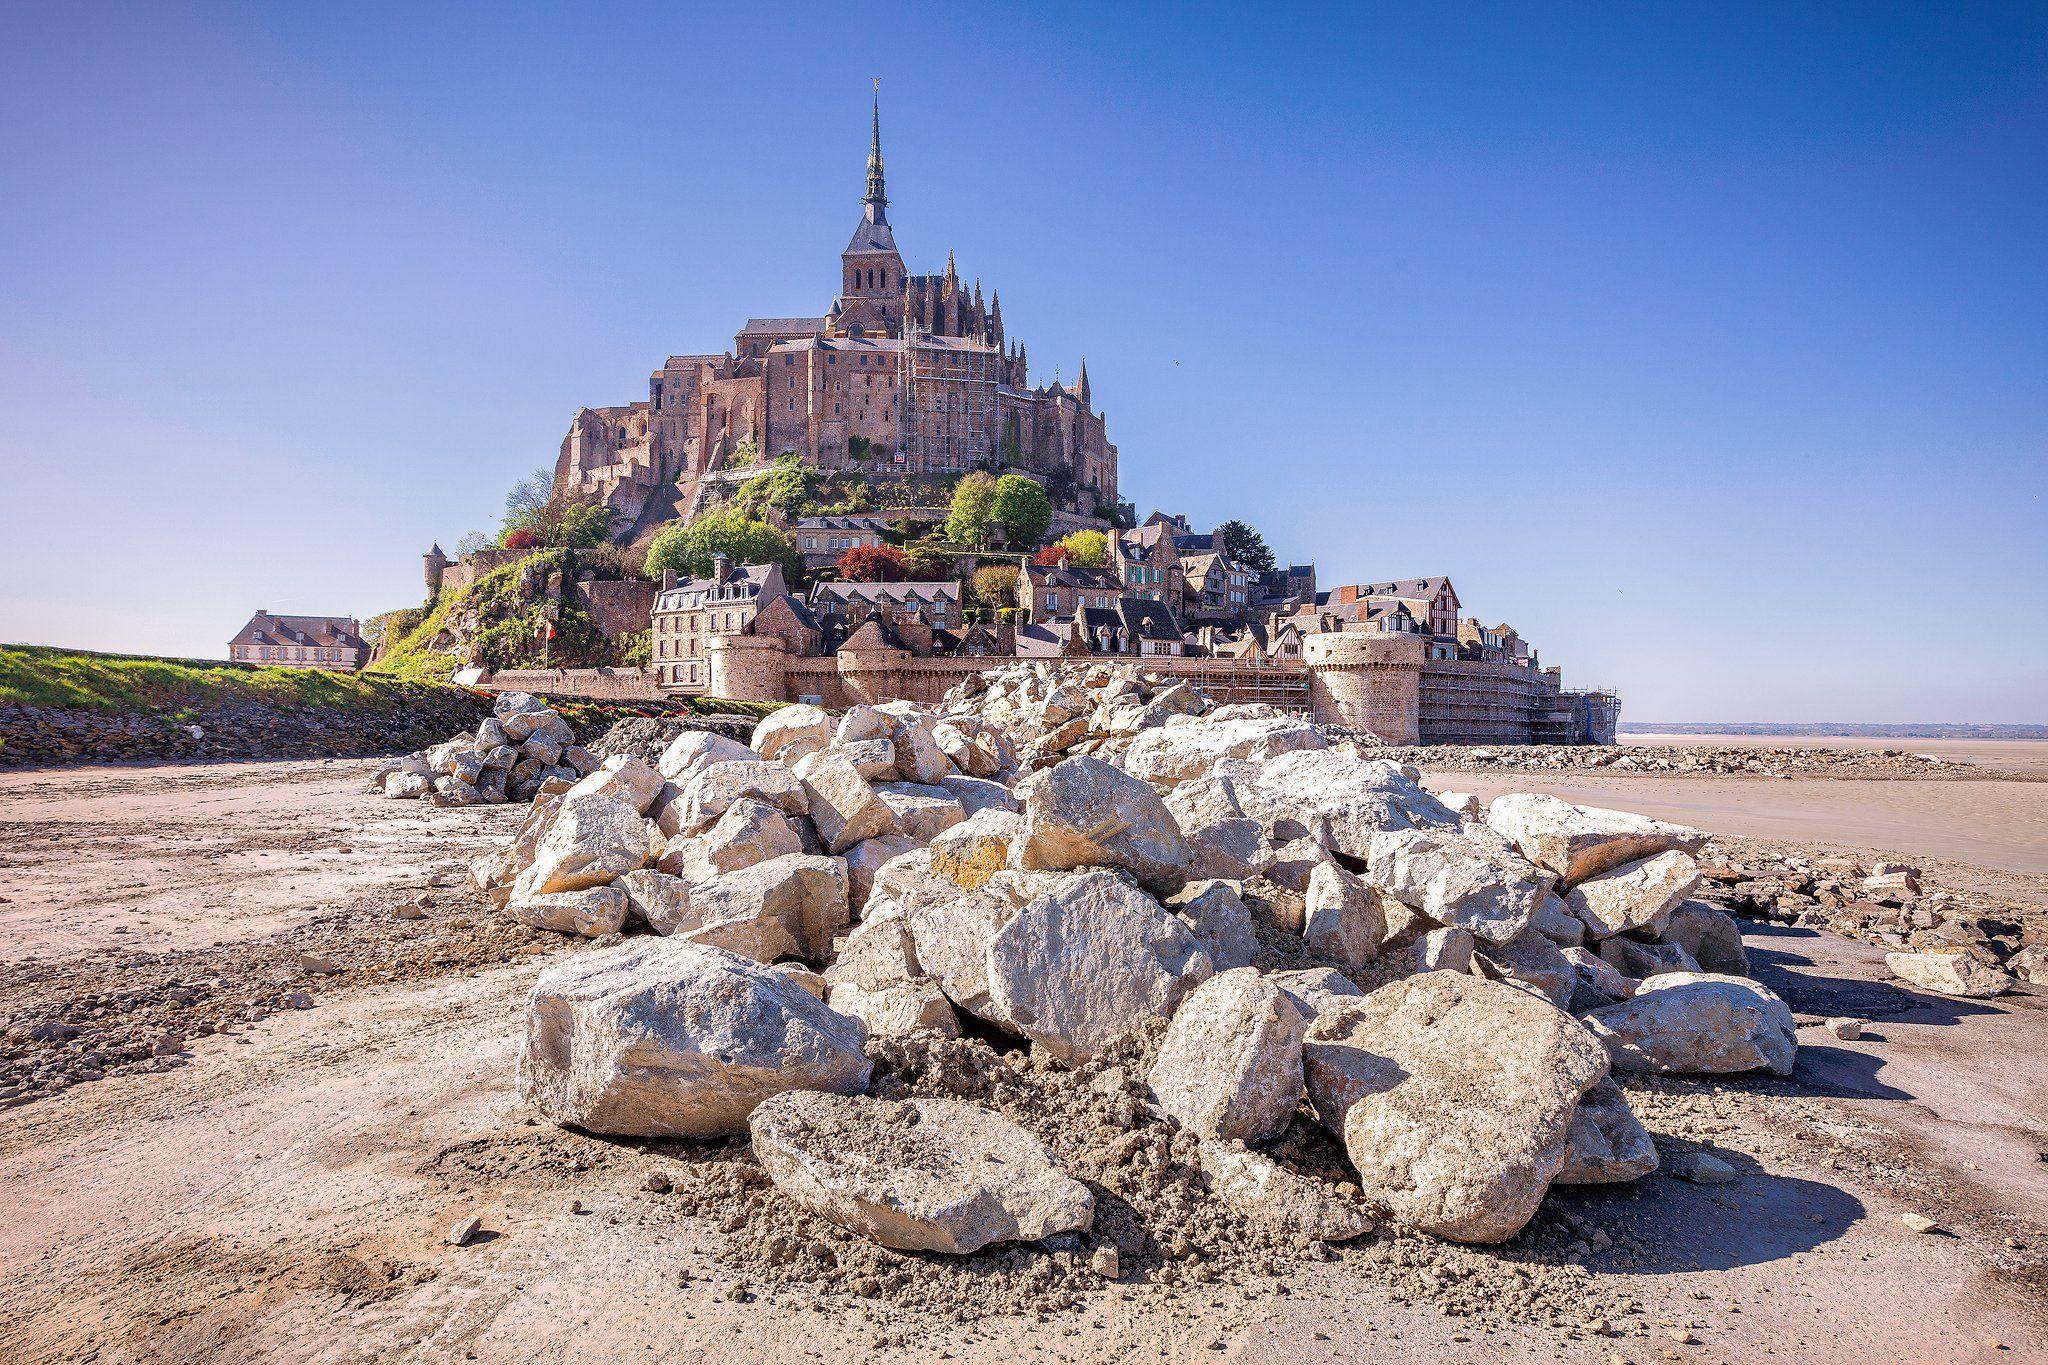 франция,  mont saint-michel, замок, камни,, Андрей Огнев